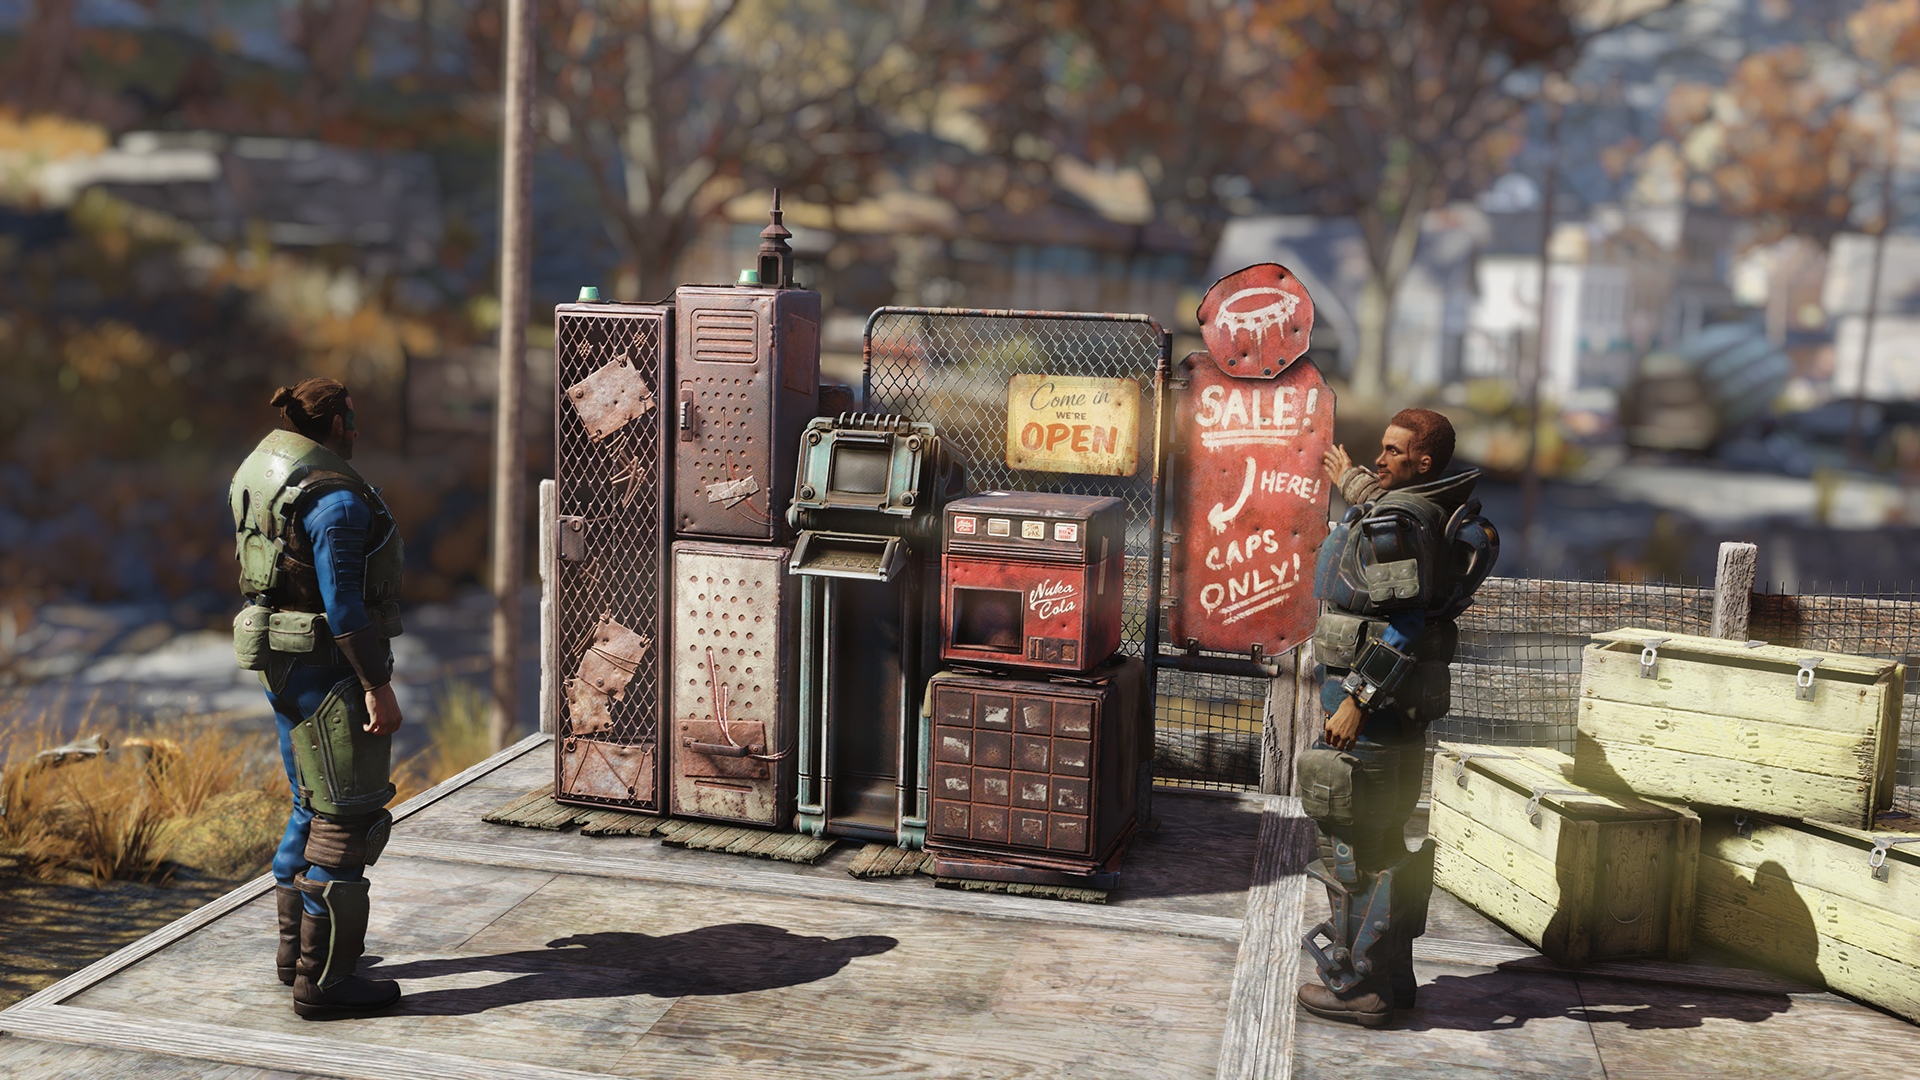 ТОРГОВЫЕ АВТОМАТЫ ИГРОКОВ Fallout76